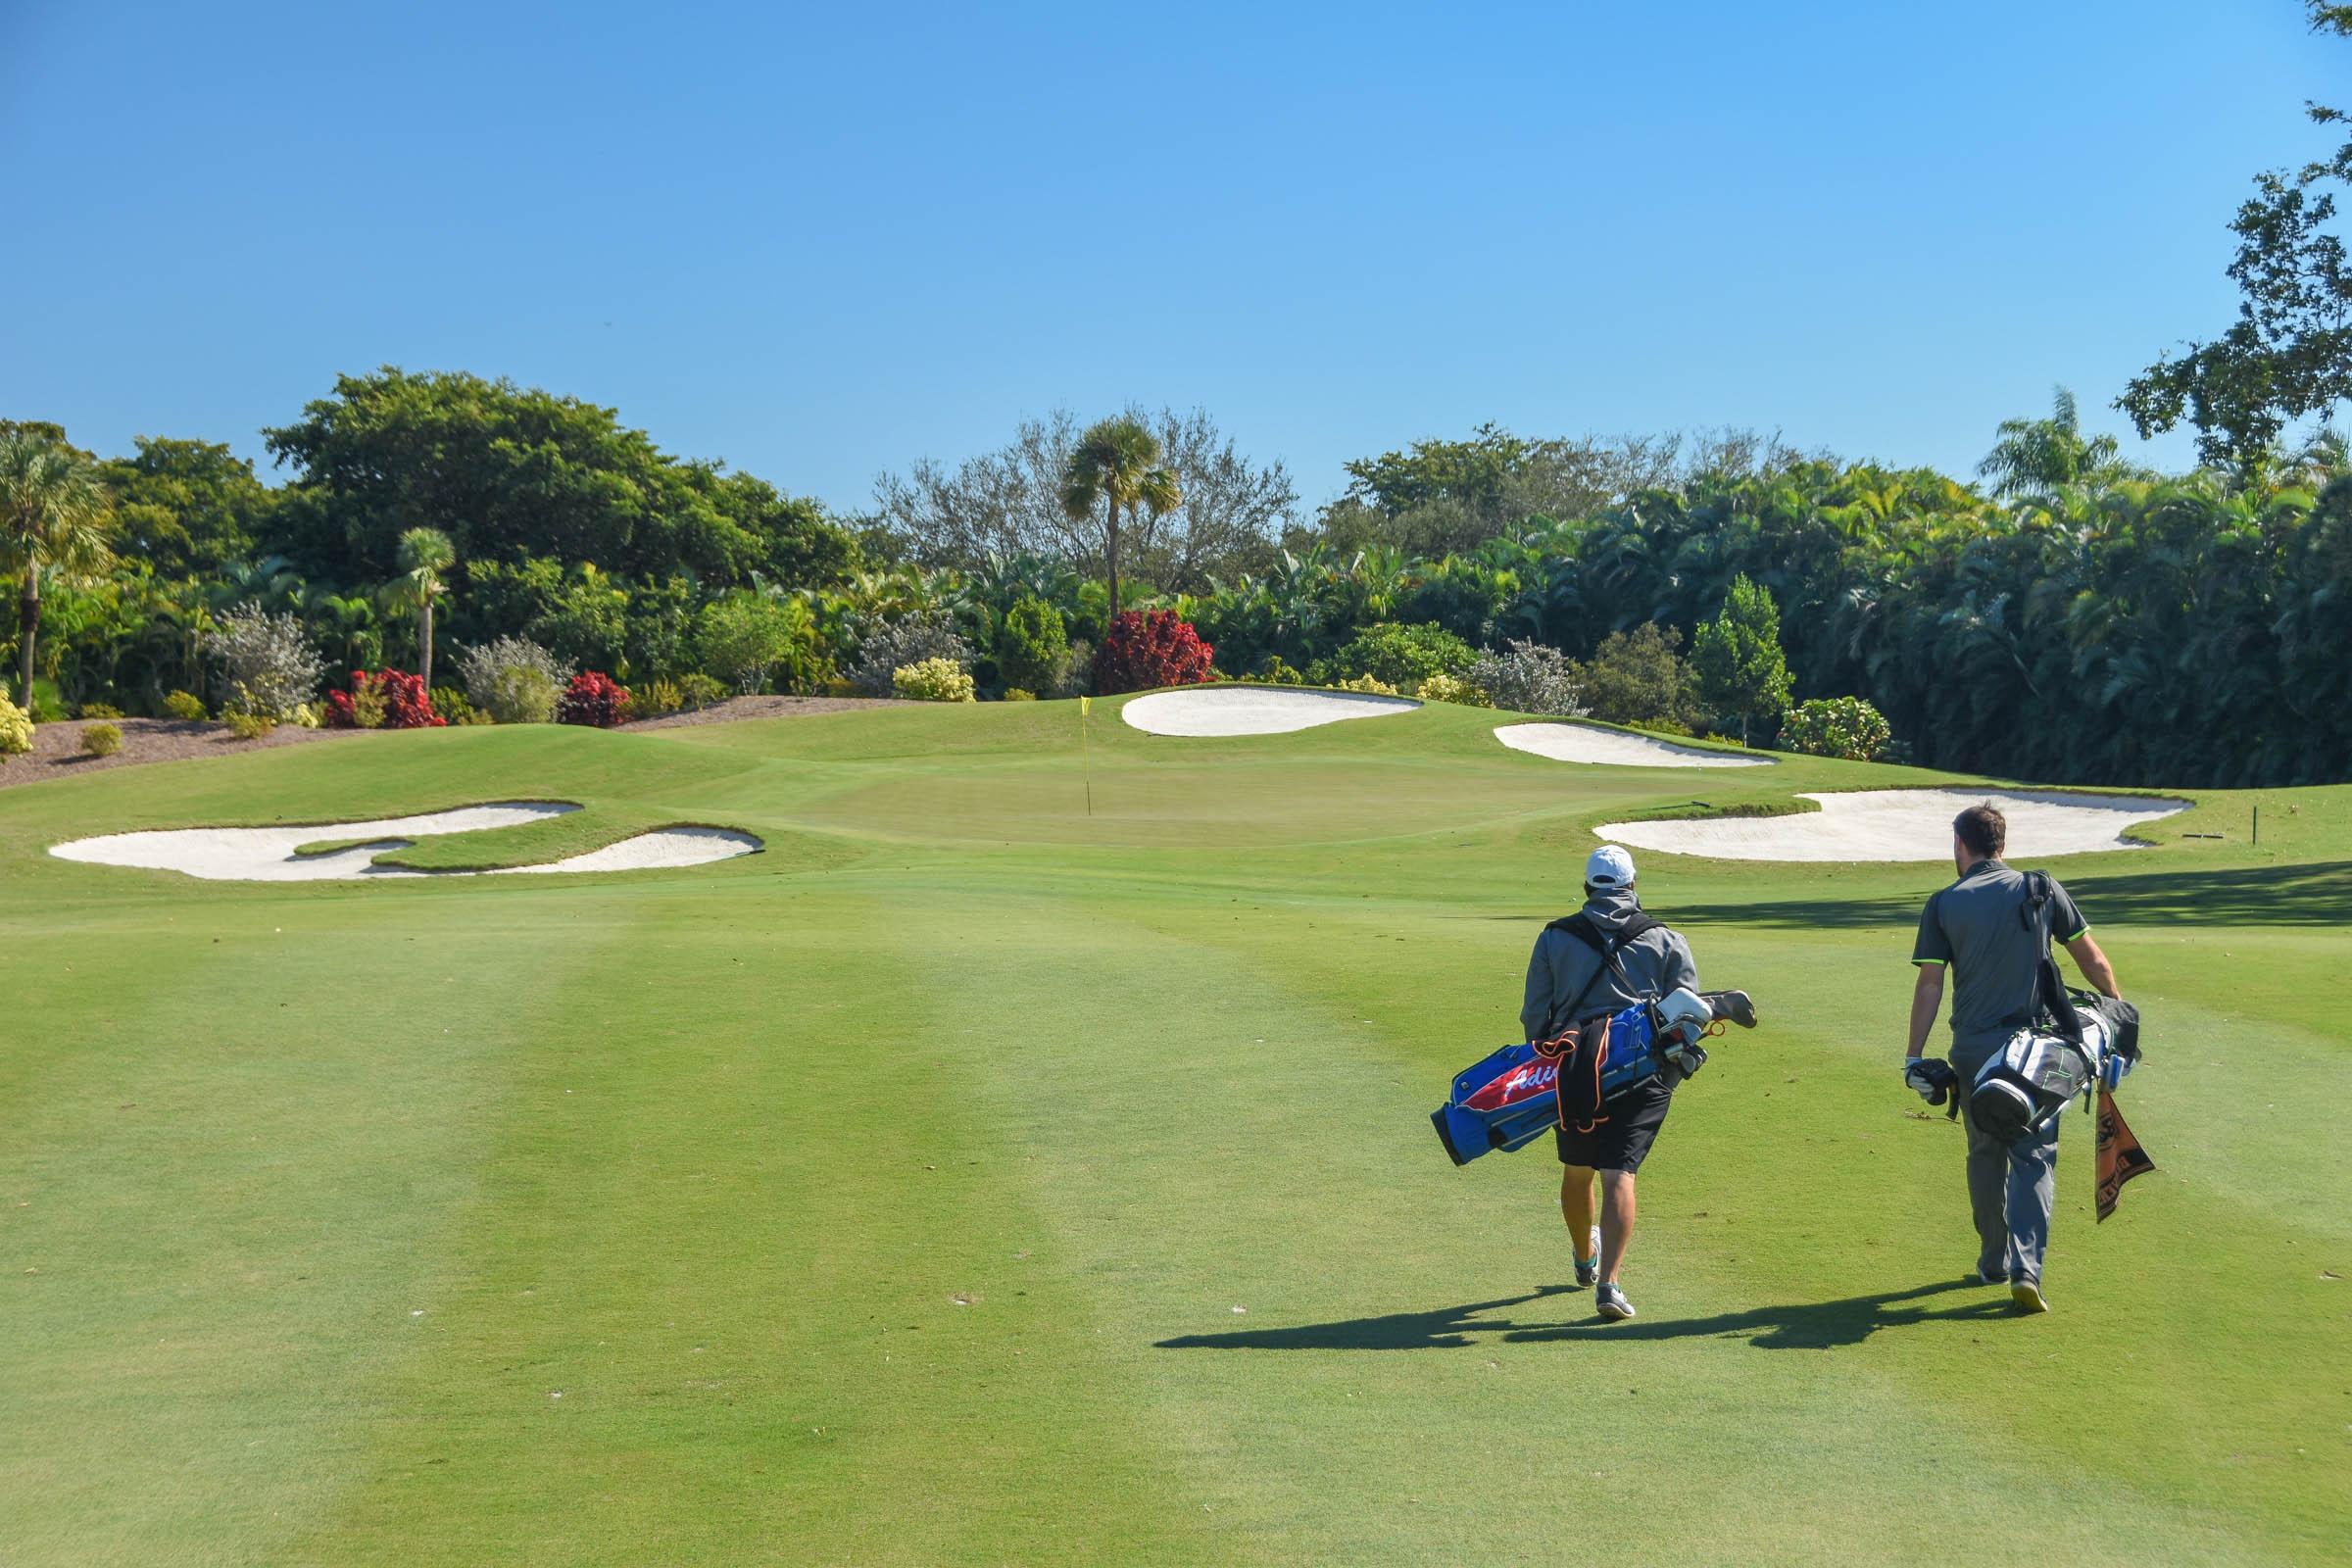 Adios Golf Club1-9.jpg